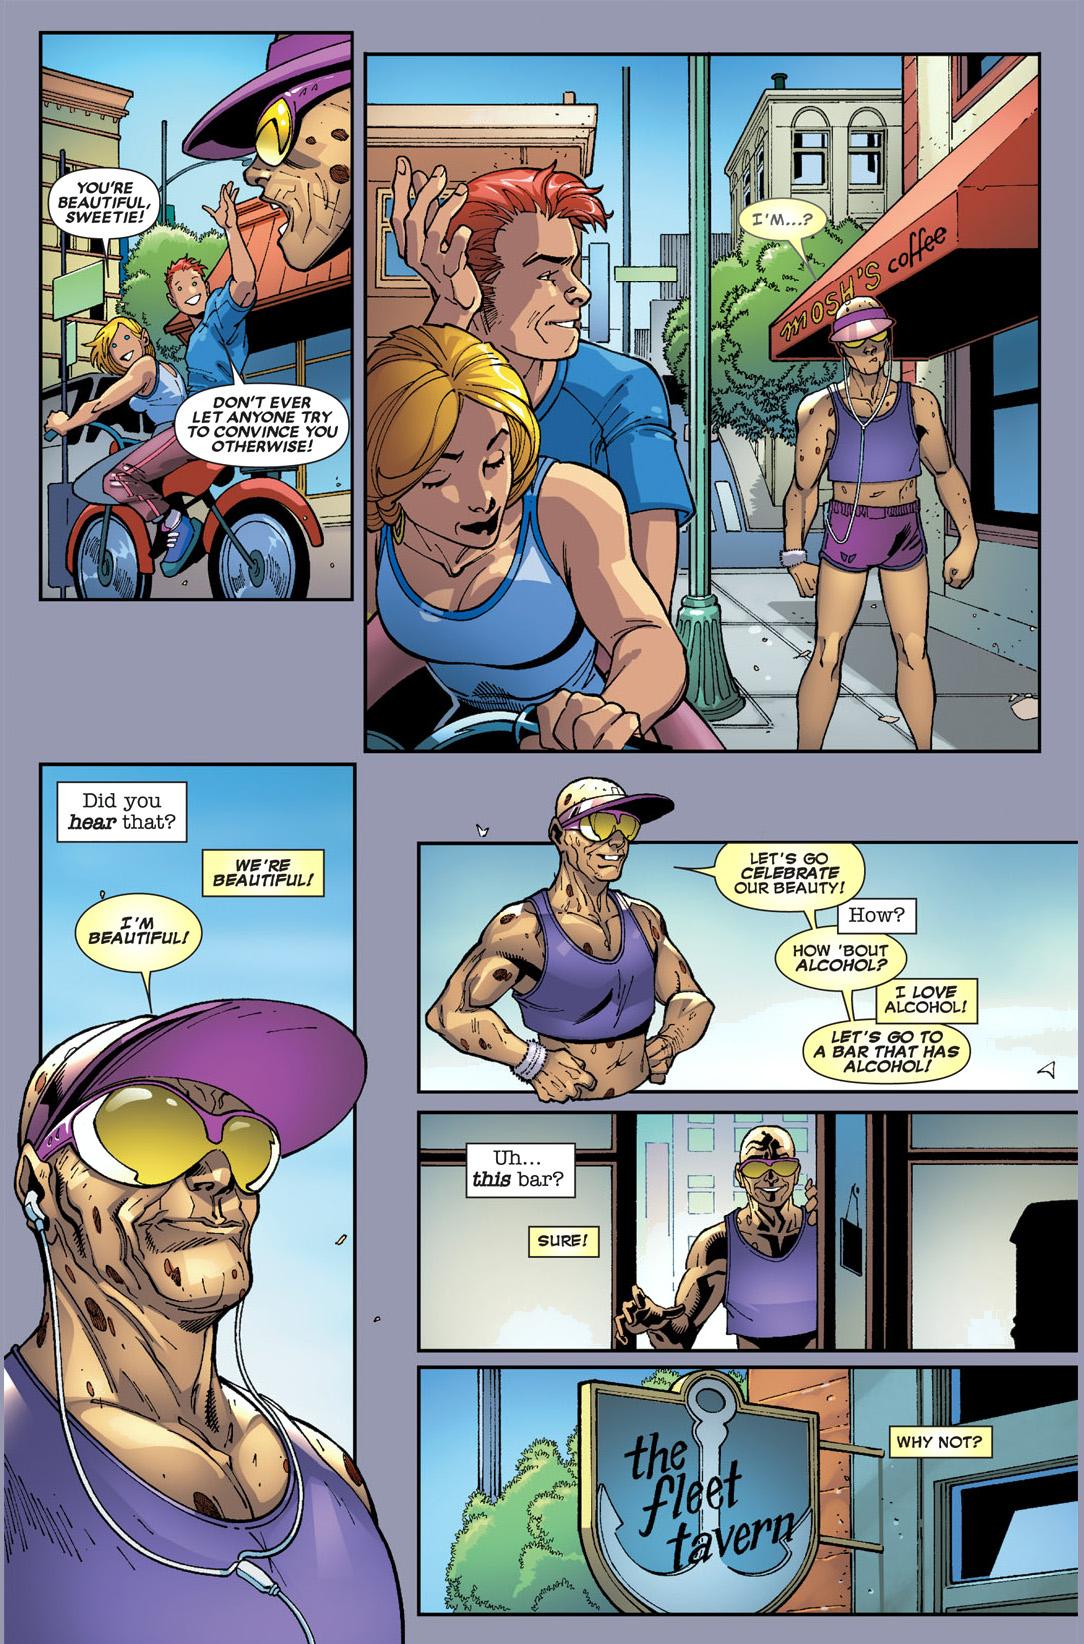 Miltoon comics